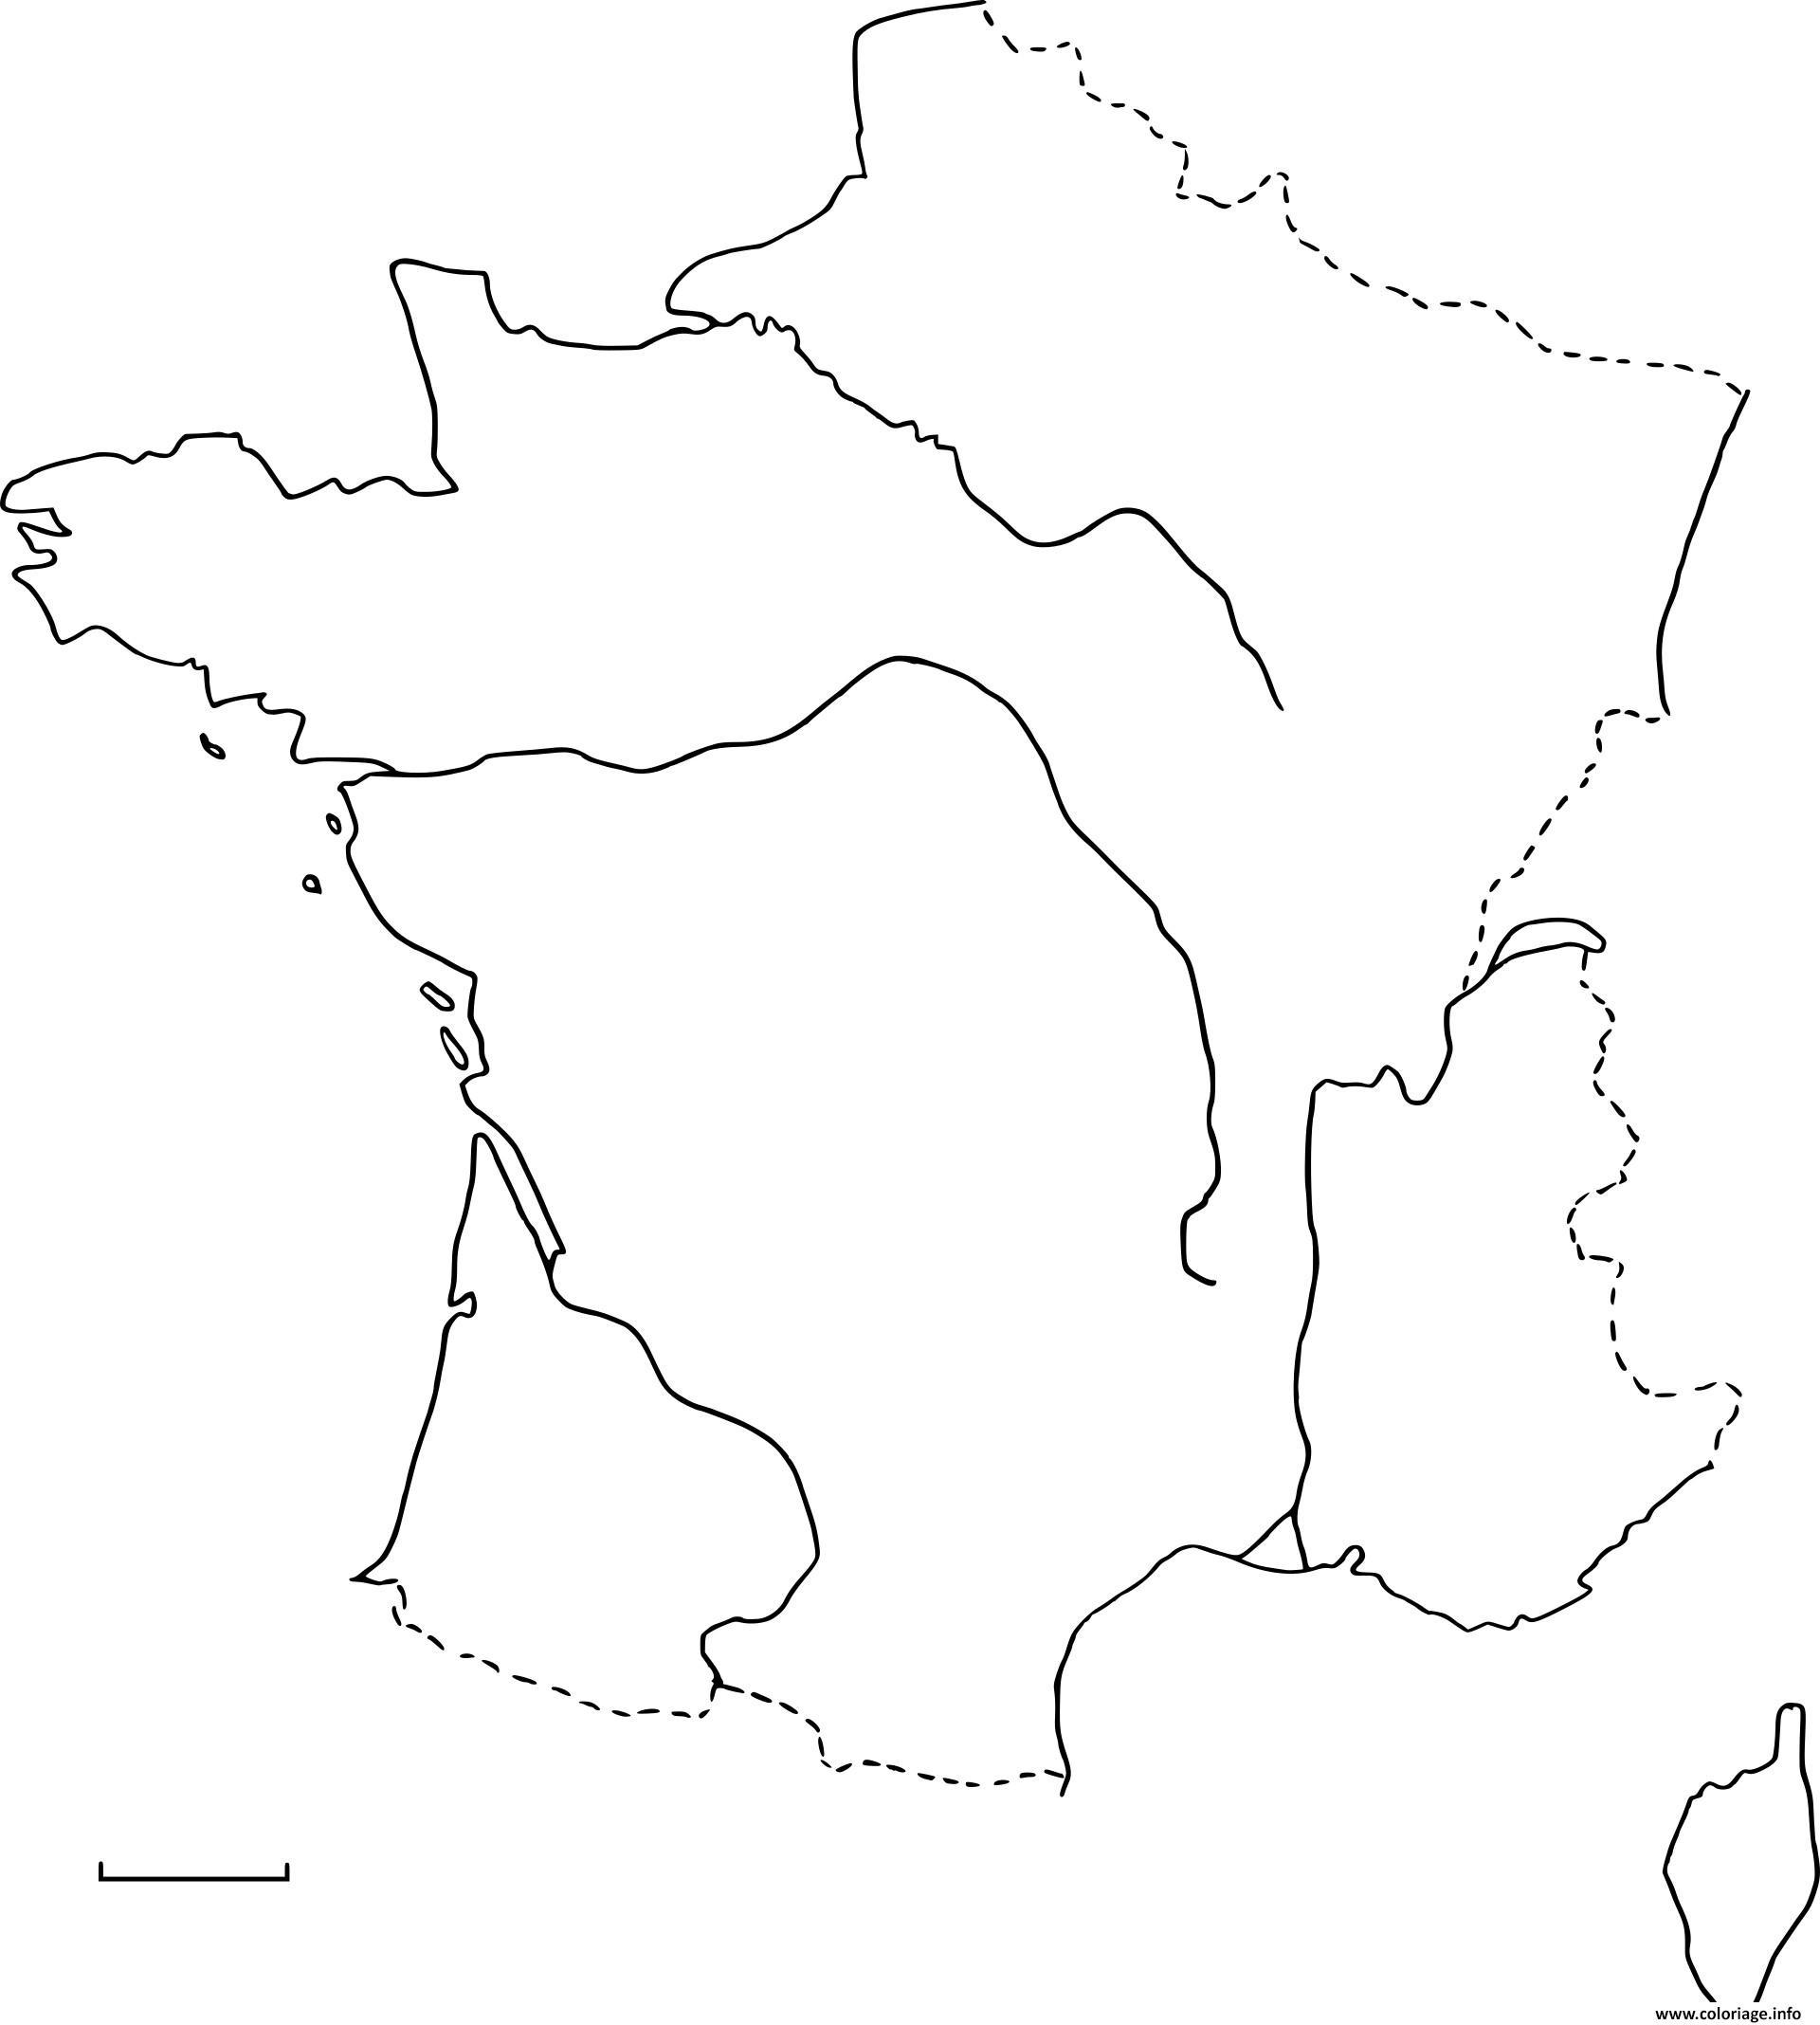 Coloriage Carte De France Vierge Dessin avec Coloriage Carte De France